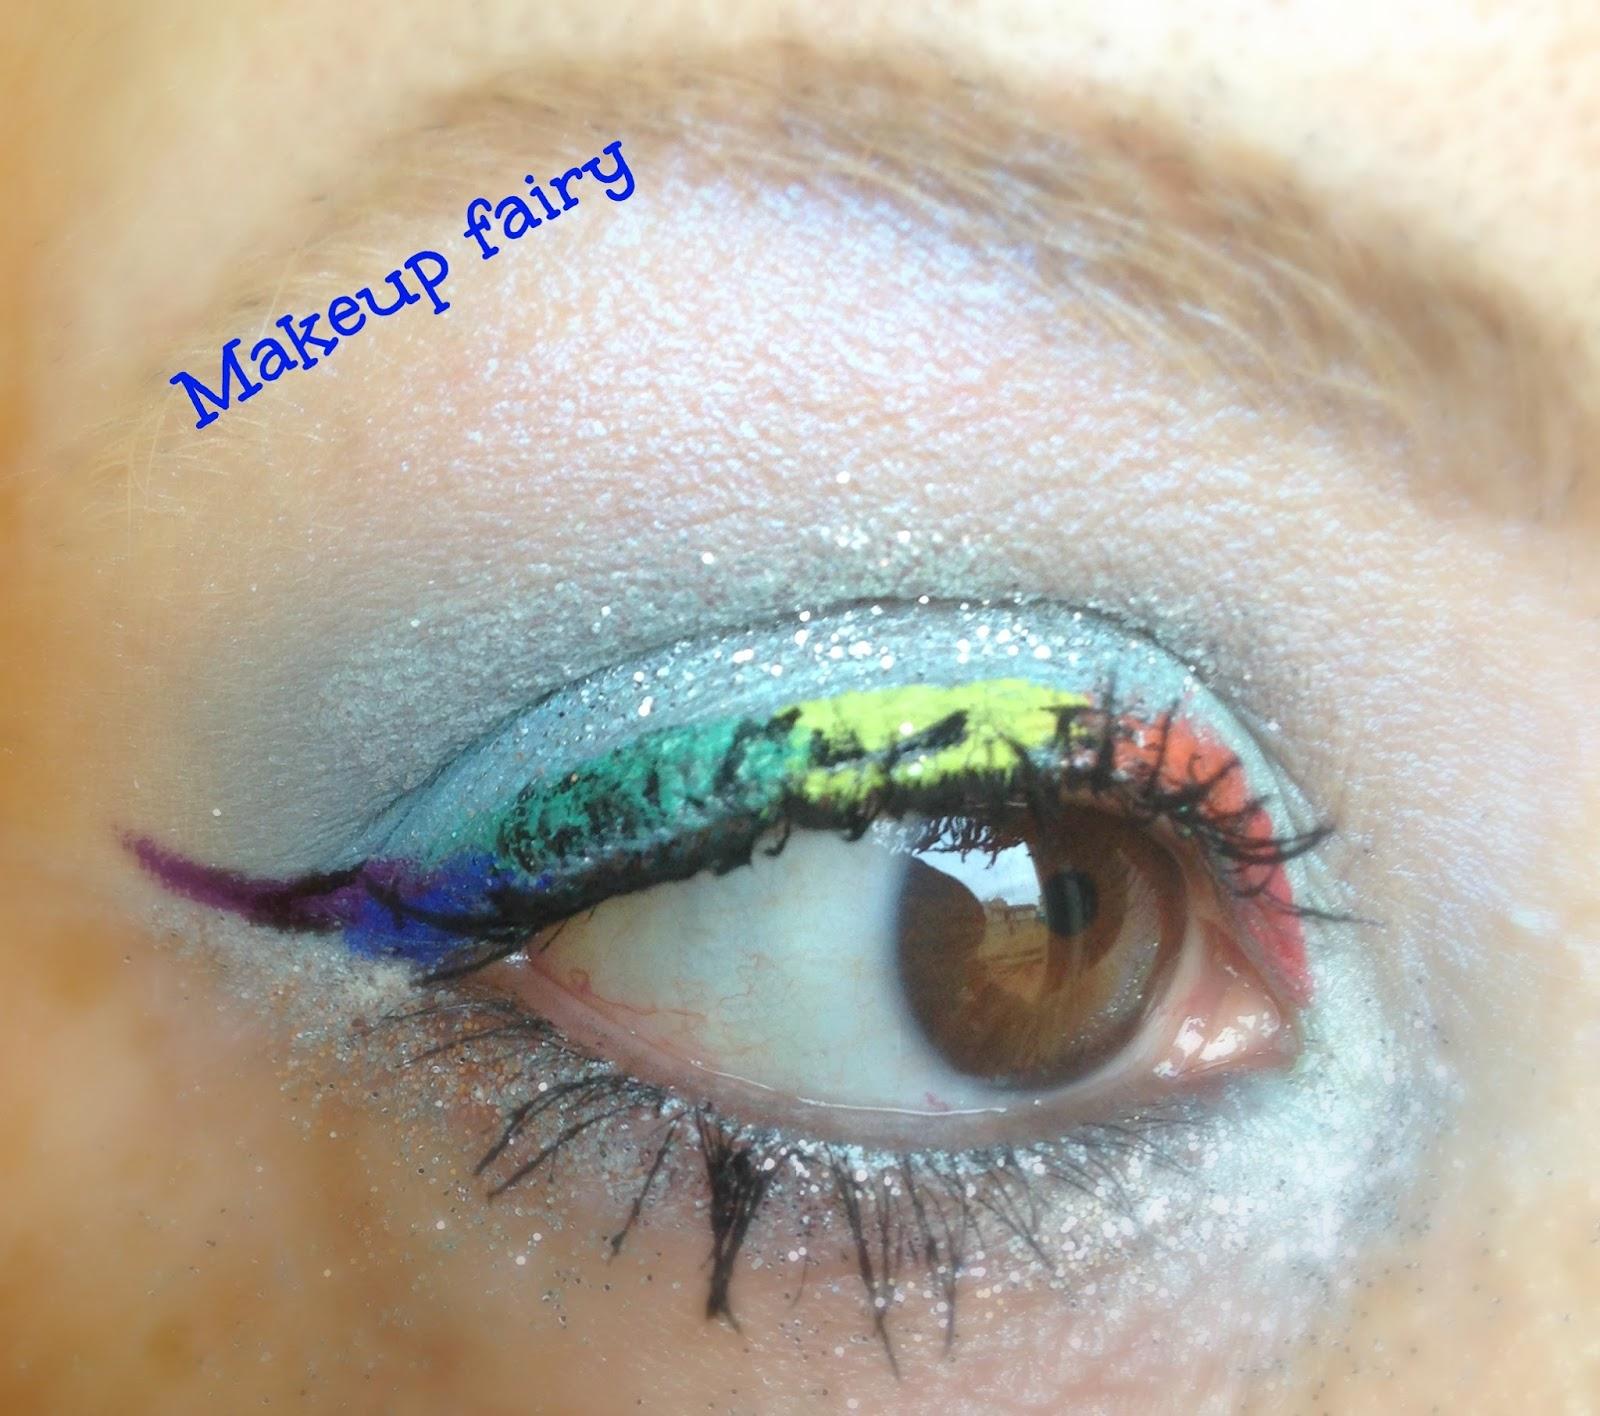 Cheetah eye makeup